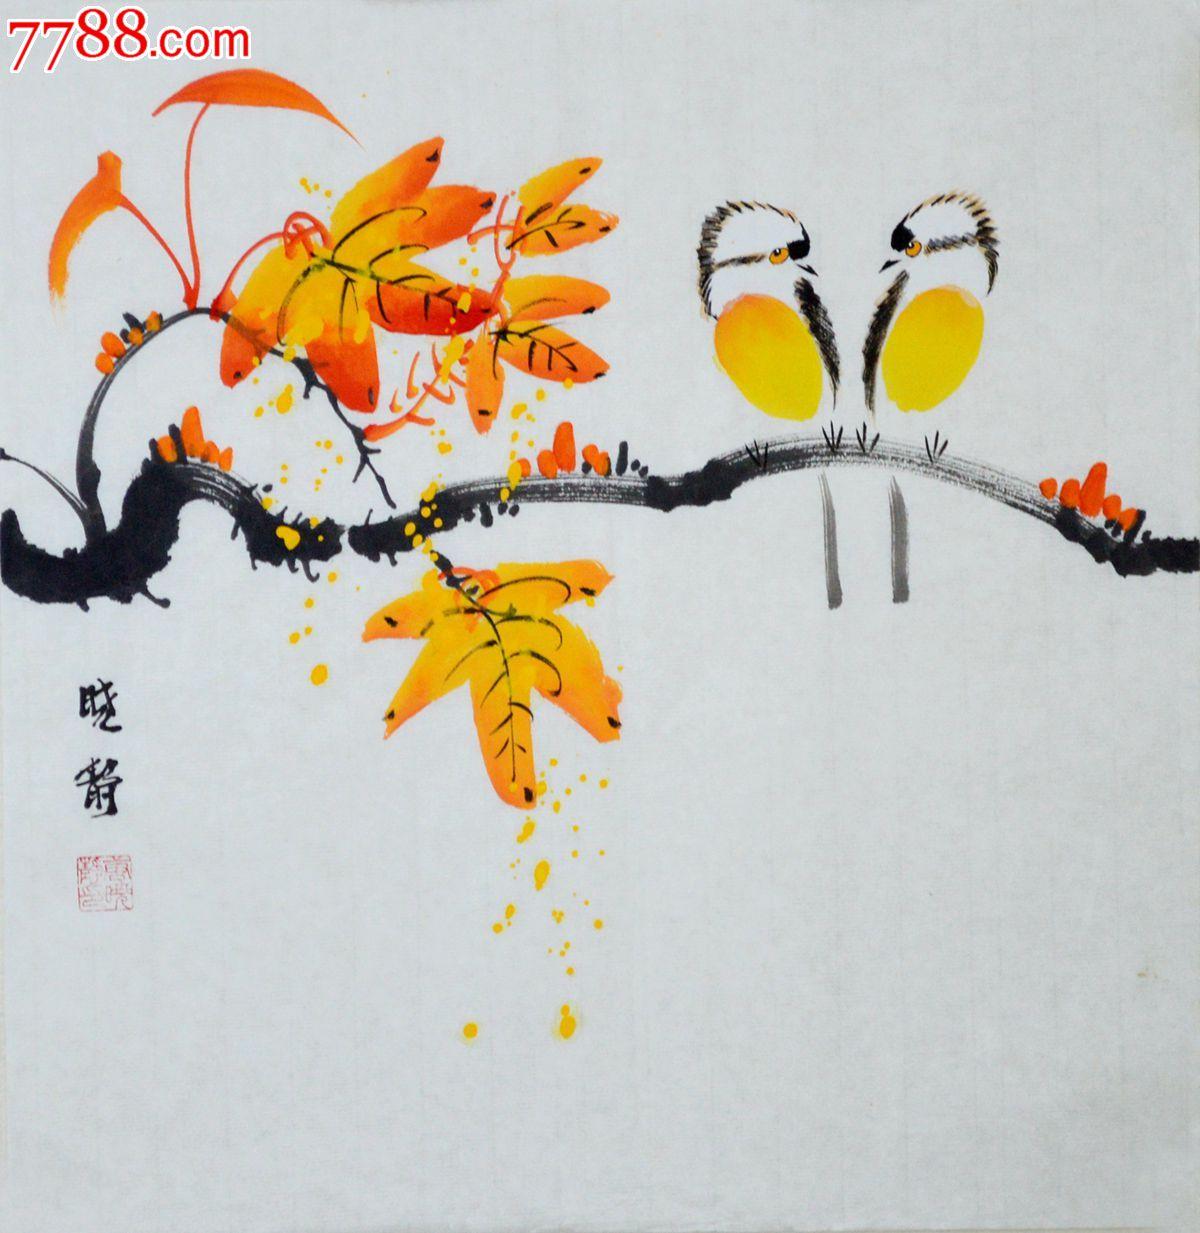 编号: se24840385,hn0893 品种: 花鸟国画原作-花鸟国画原作 属性